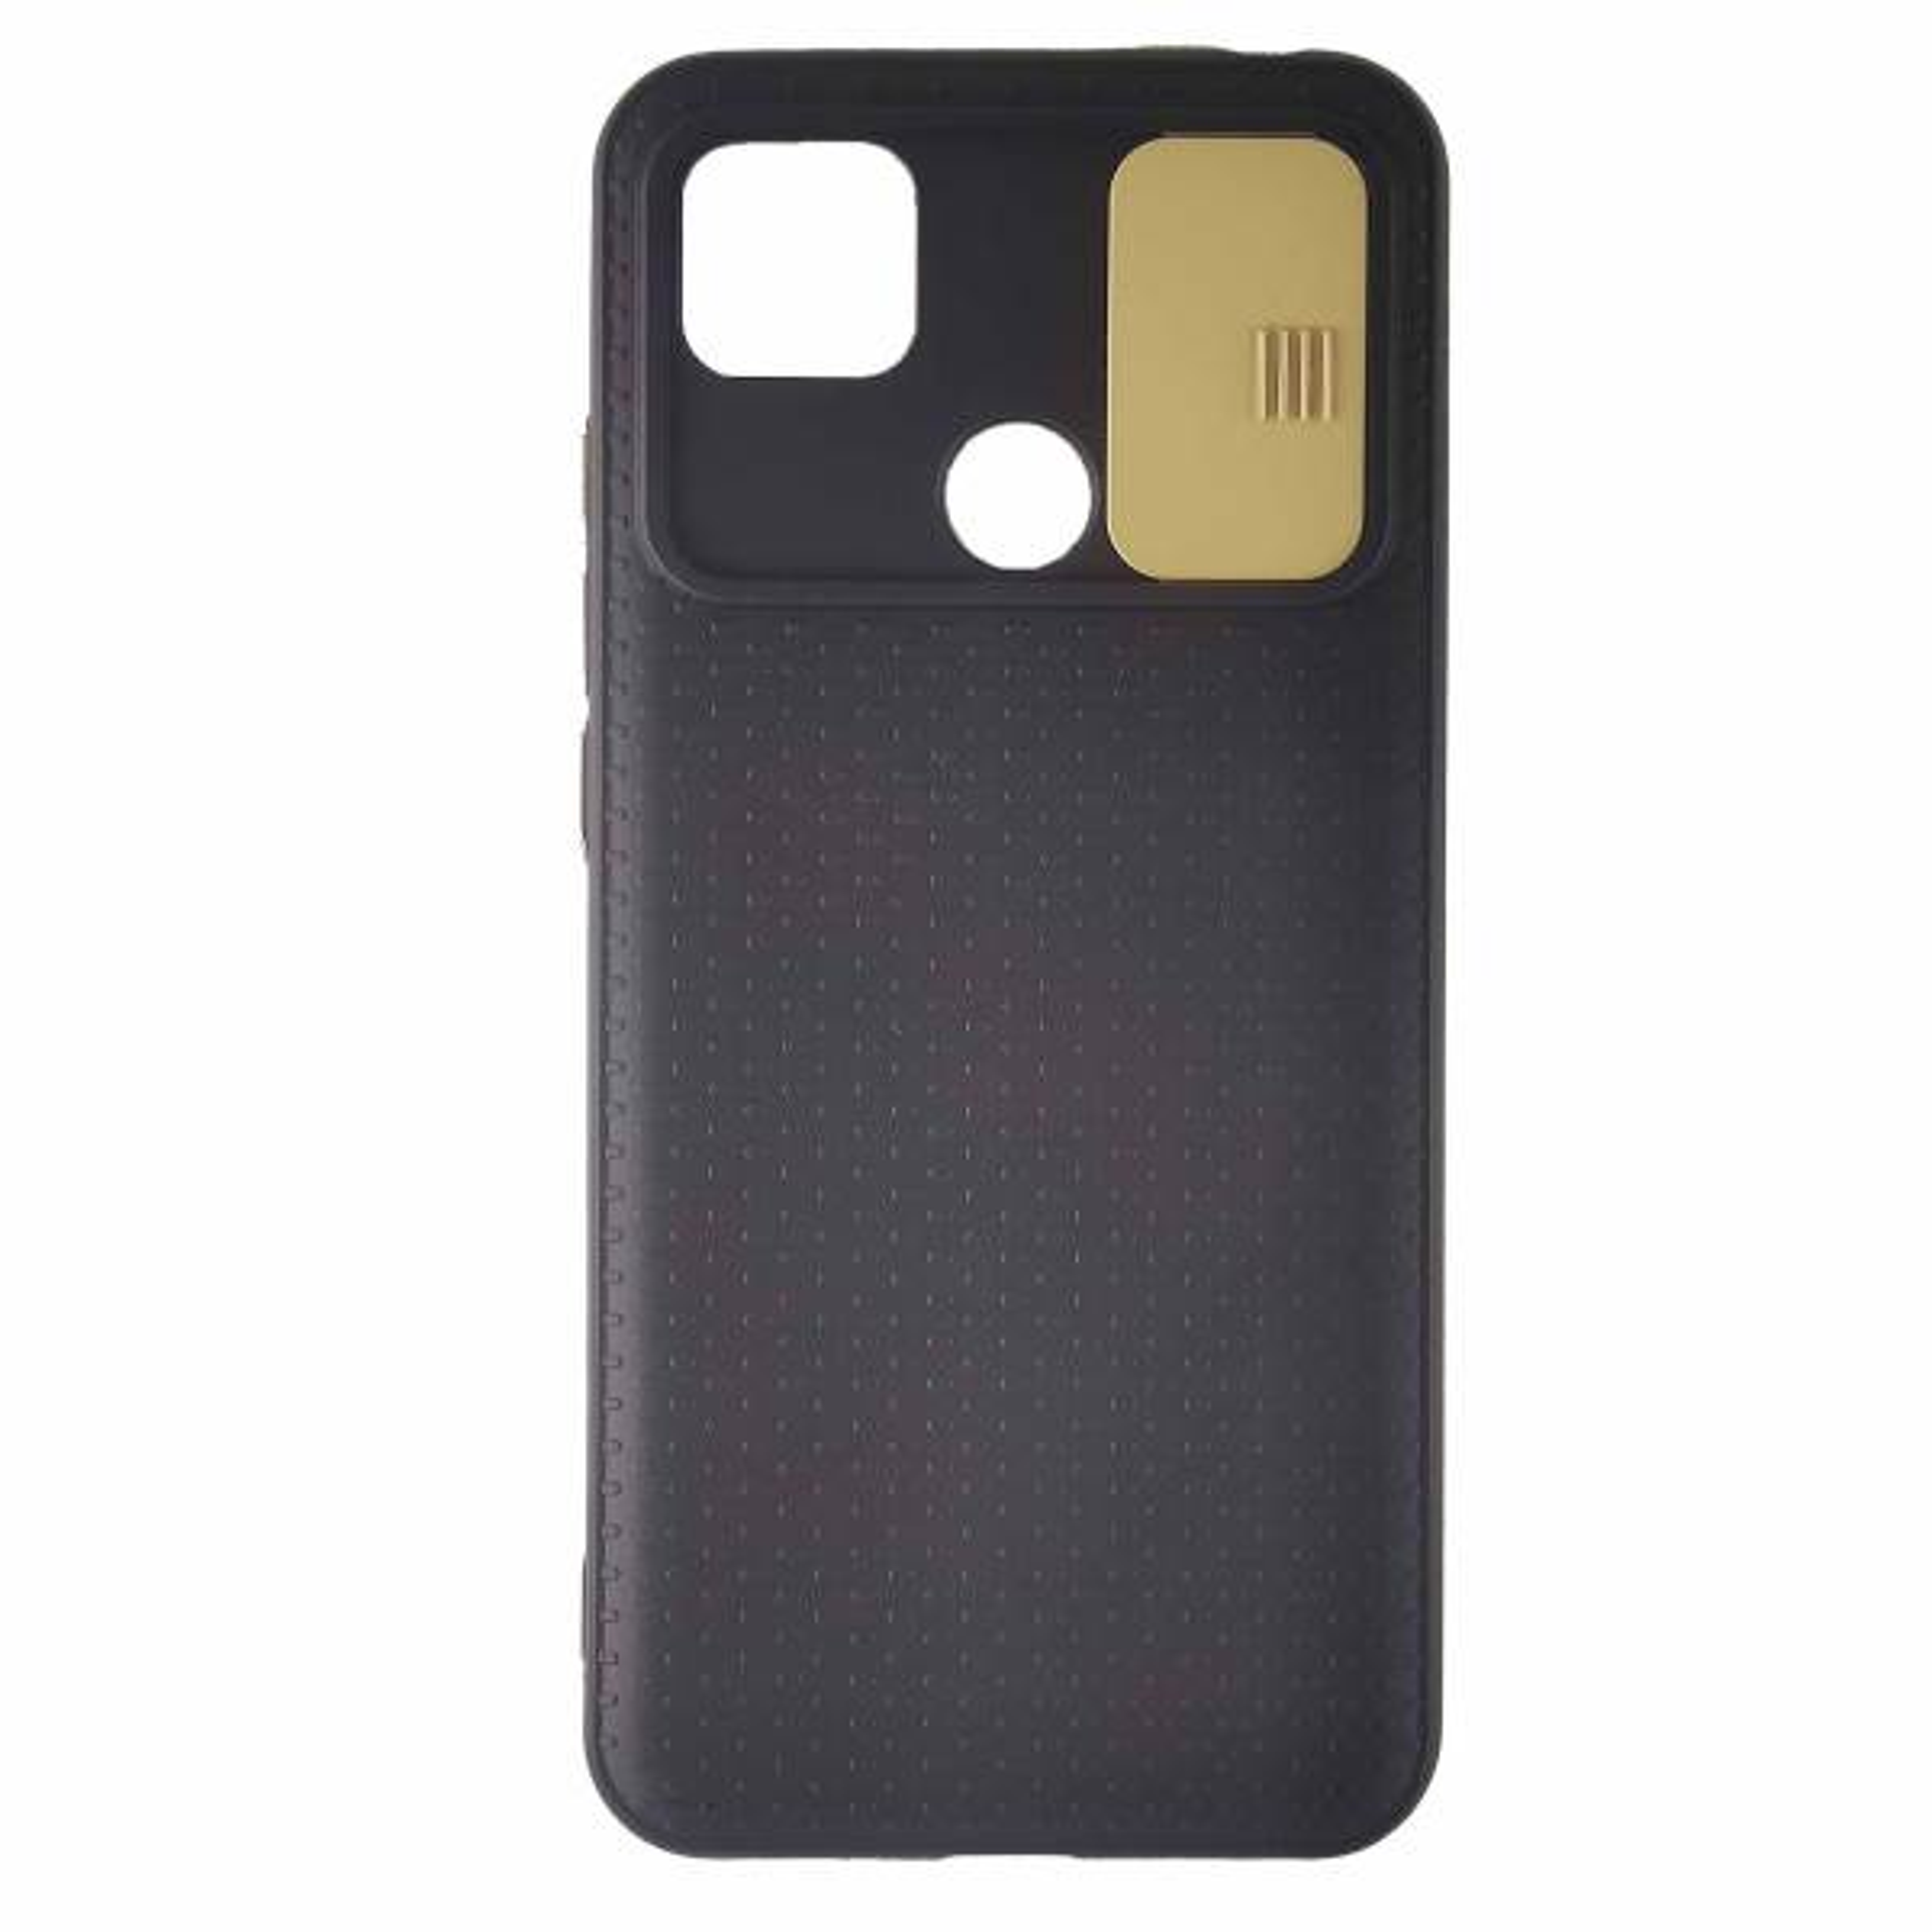 کاور مدل TEM مناسب برای گوشی موبایل شیائومی Redmi 9c